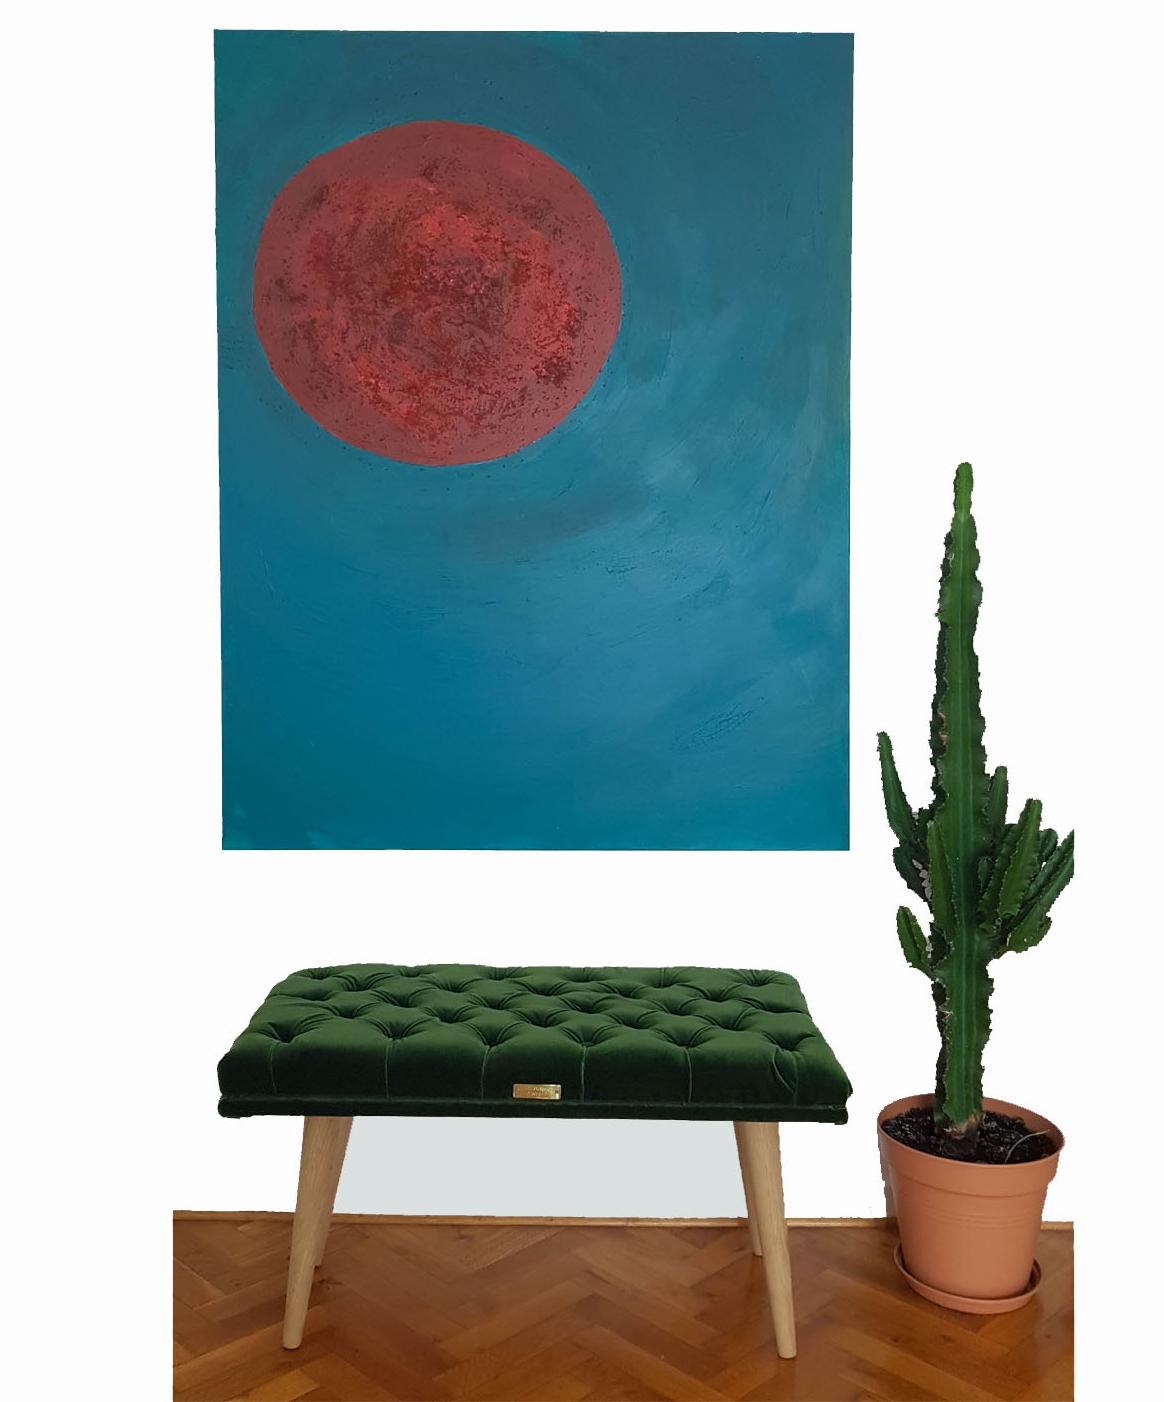 velvet green ottoman and art.jpg